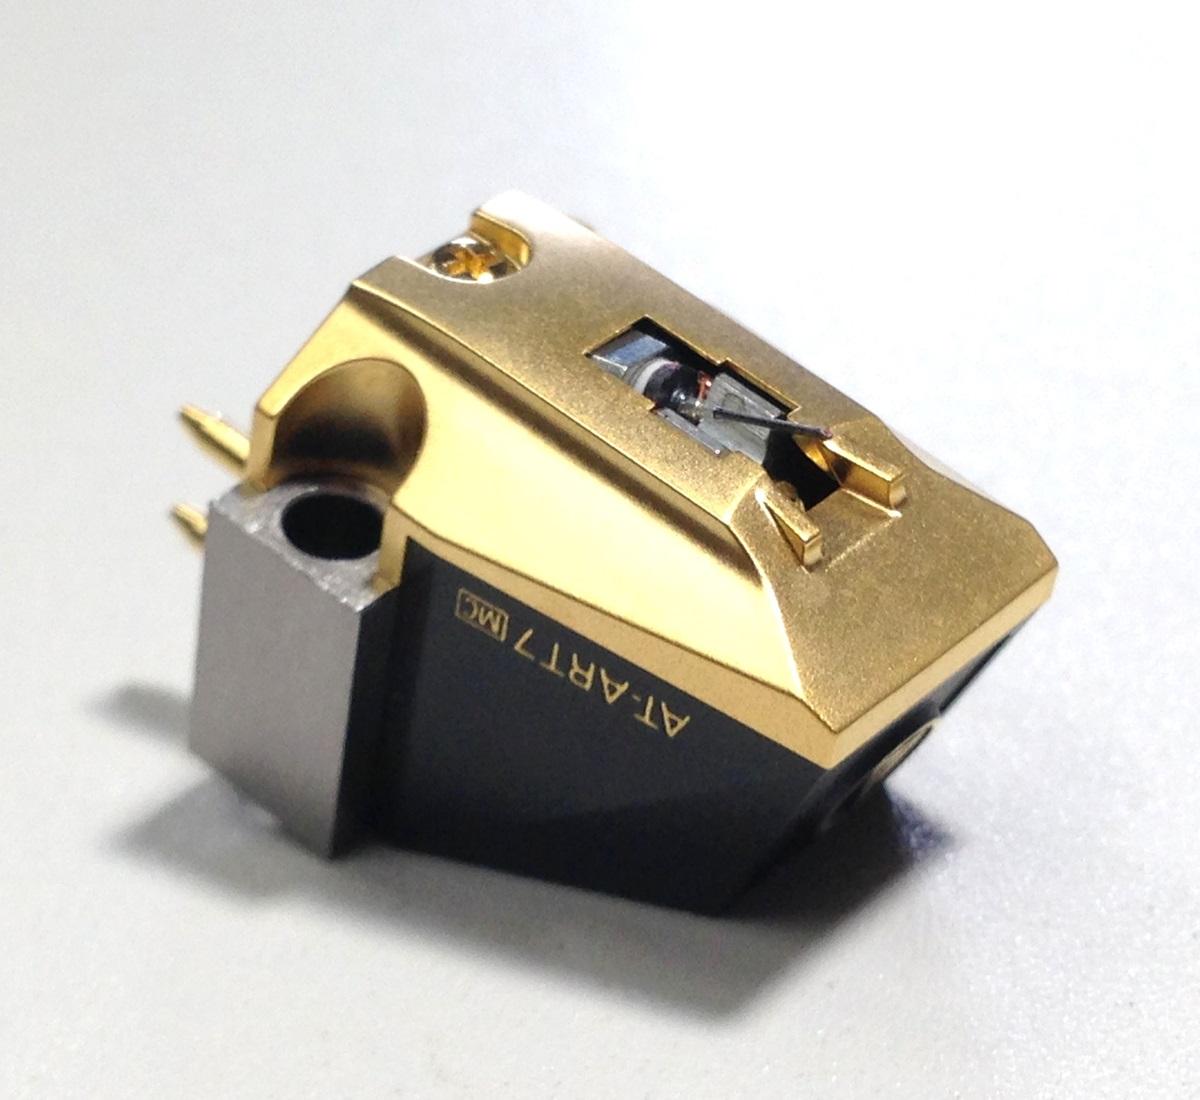 美品 audio-technica AT-ART7 MC型 カートリッジ 針カバー/ケース等付属品有 出力良好品 Audio Station_画像2